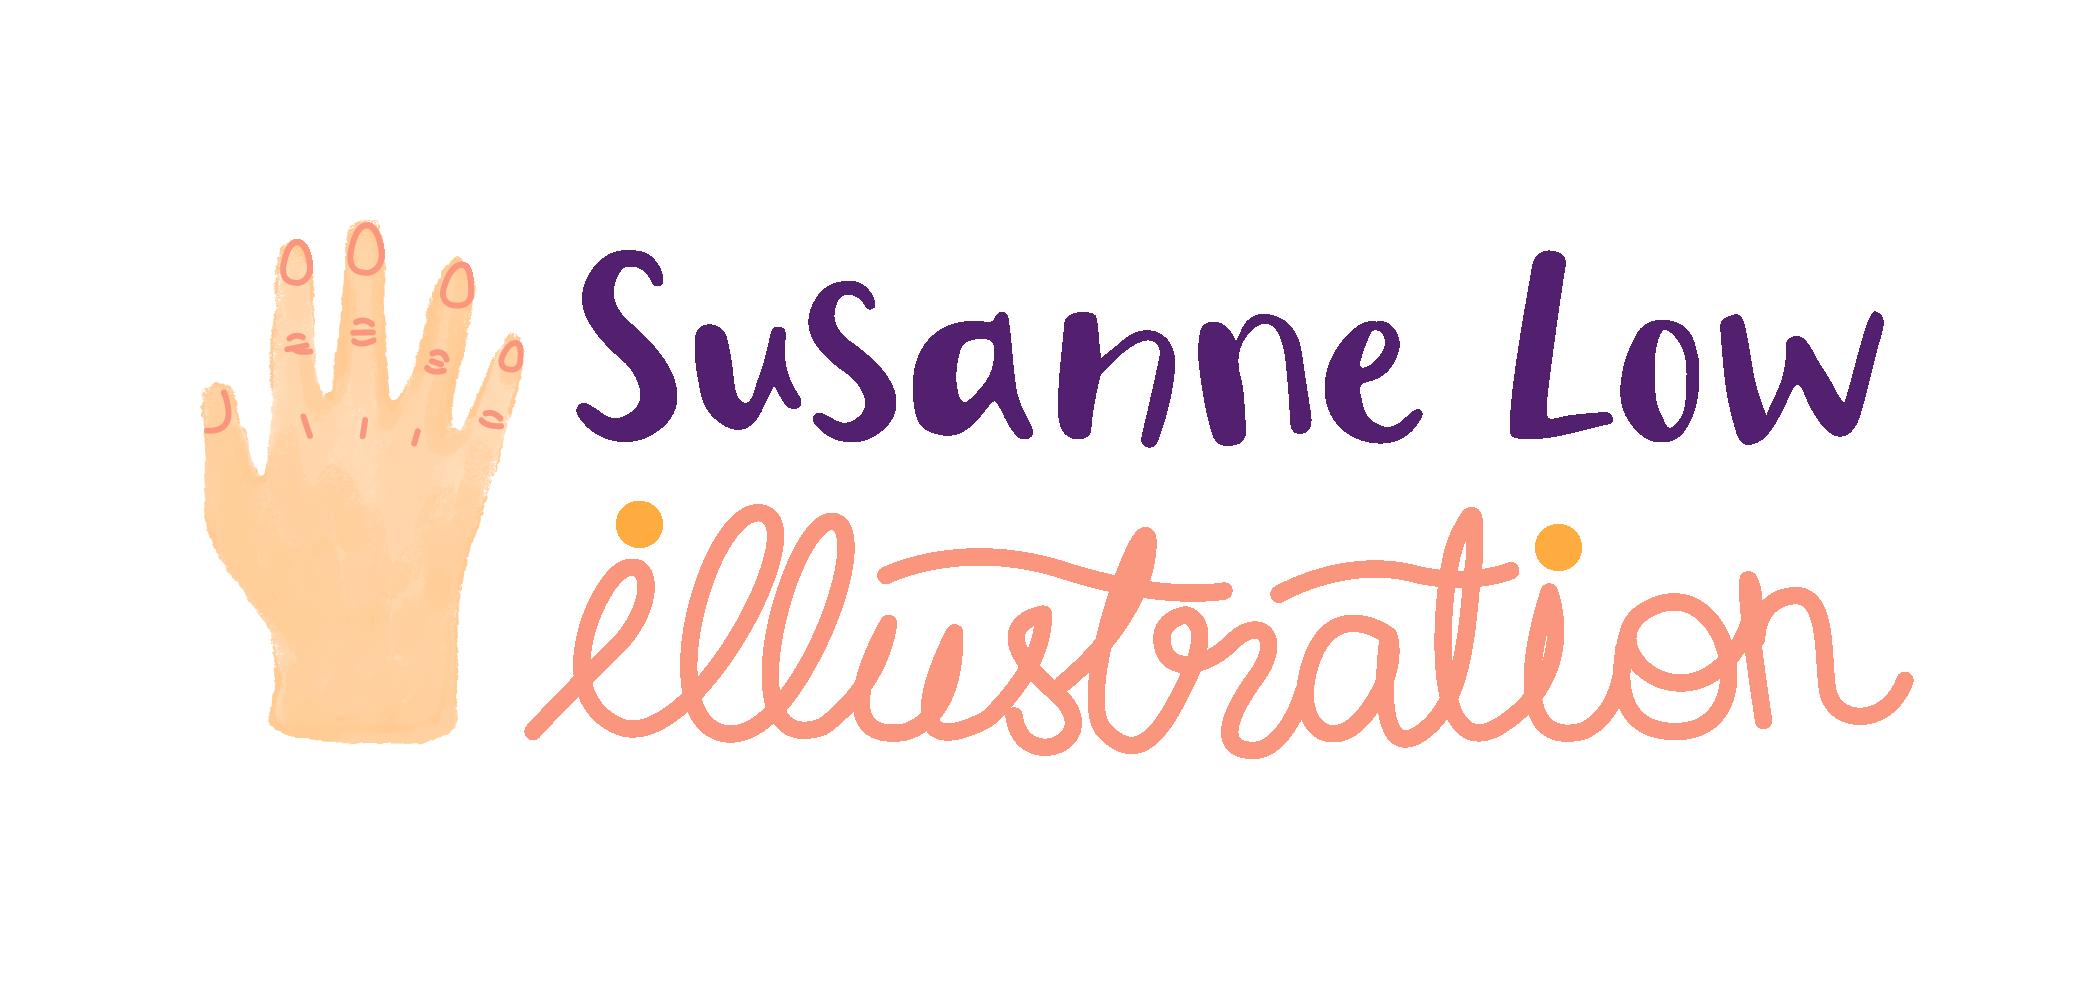 Susanne Low